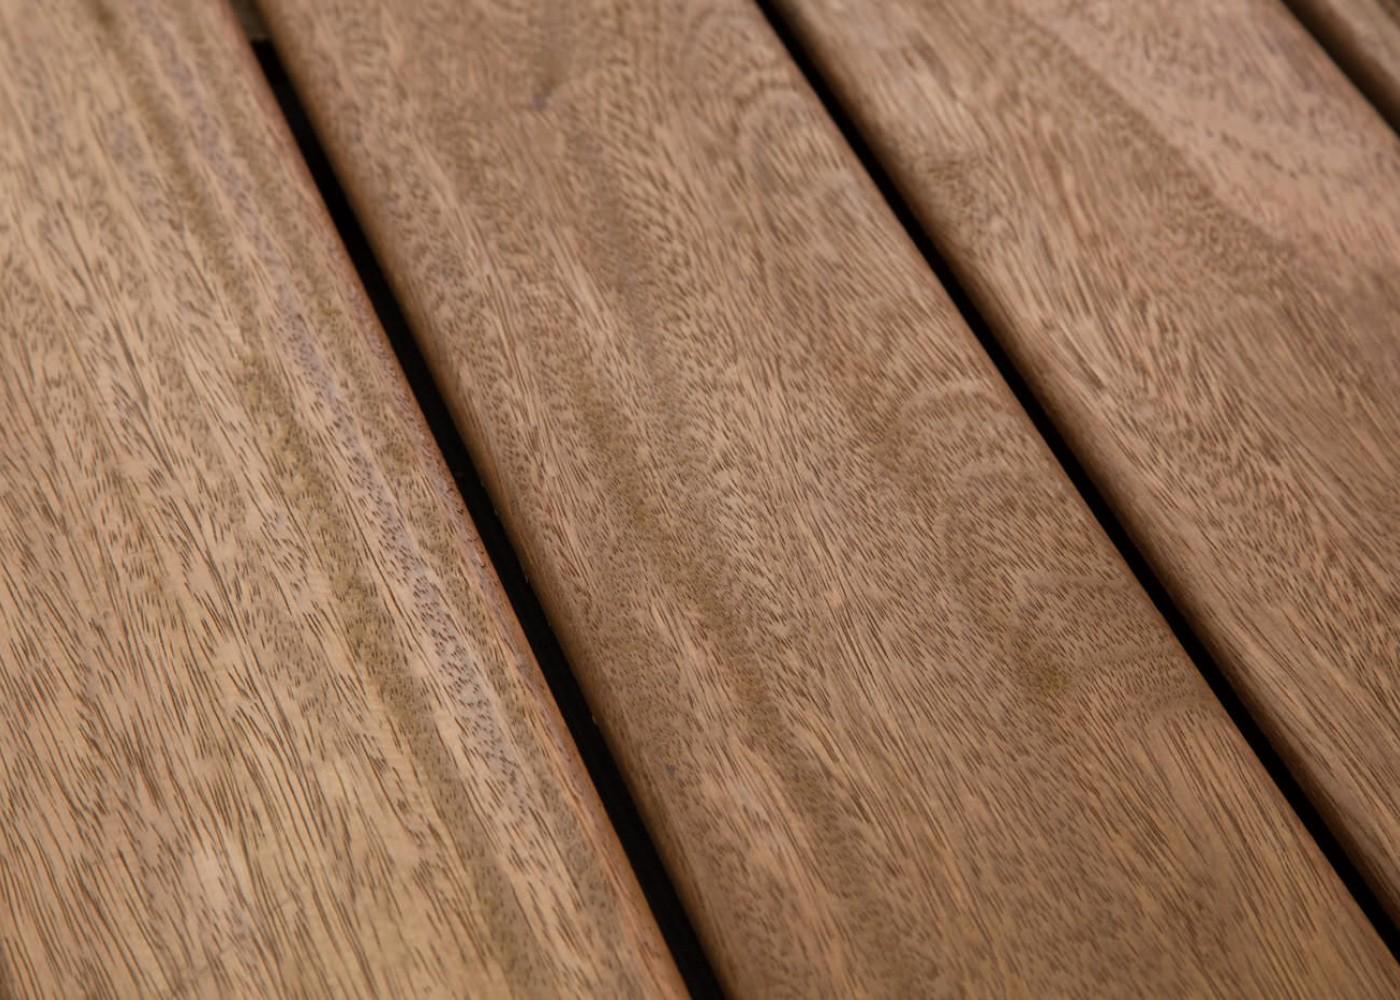 Elondo choix courant fixation invisible 1 face lisse - rainure et languette en bout - (longueurs 30 % de 800 à 1500 mm et 70 % +de 1600mm)